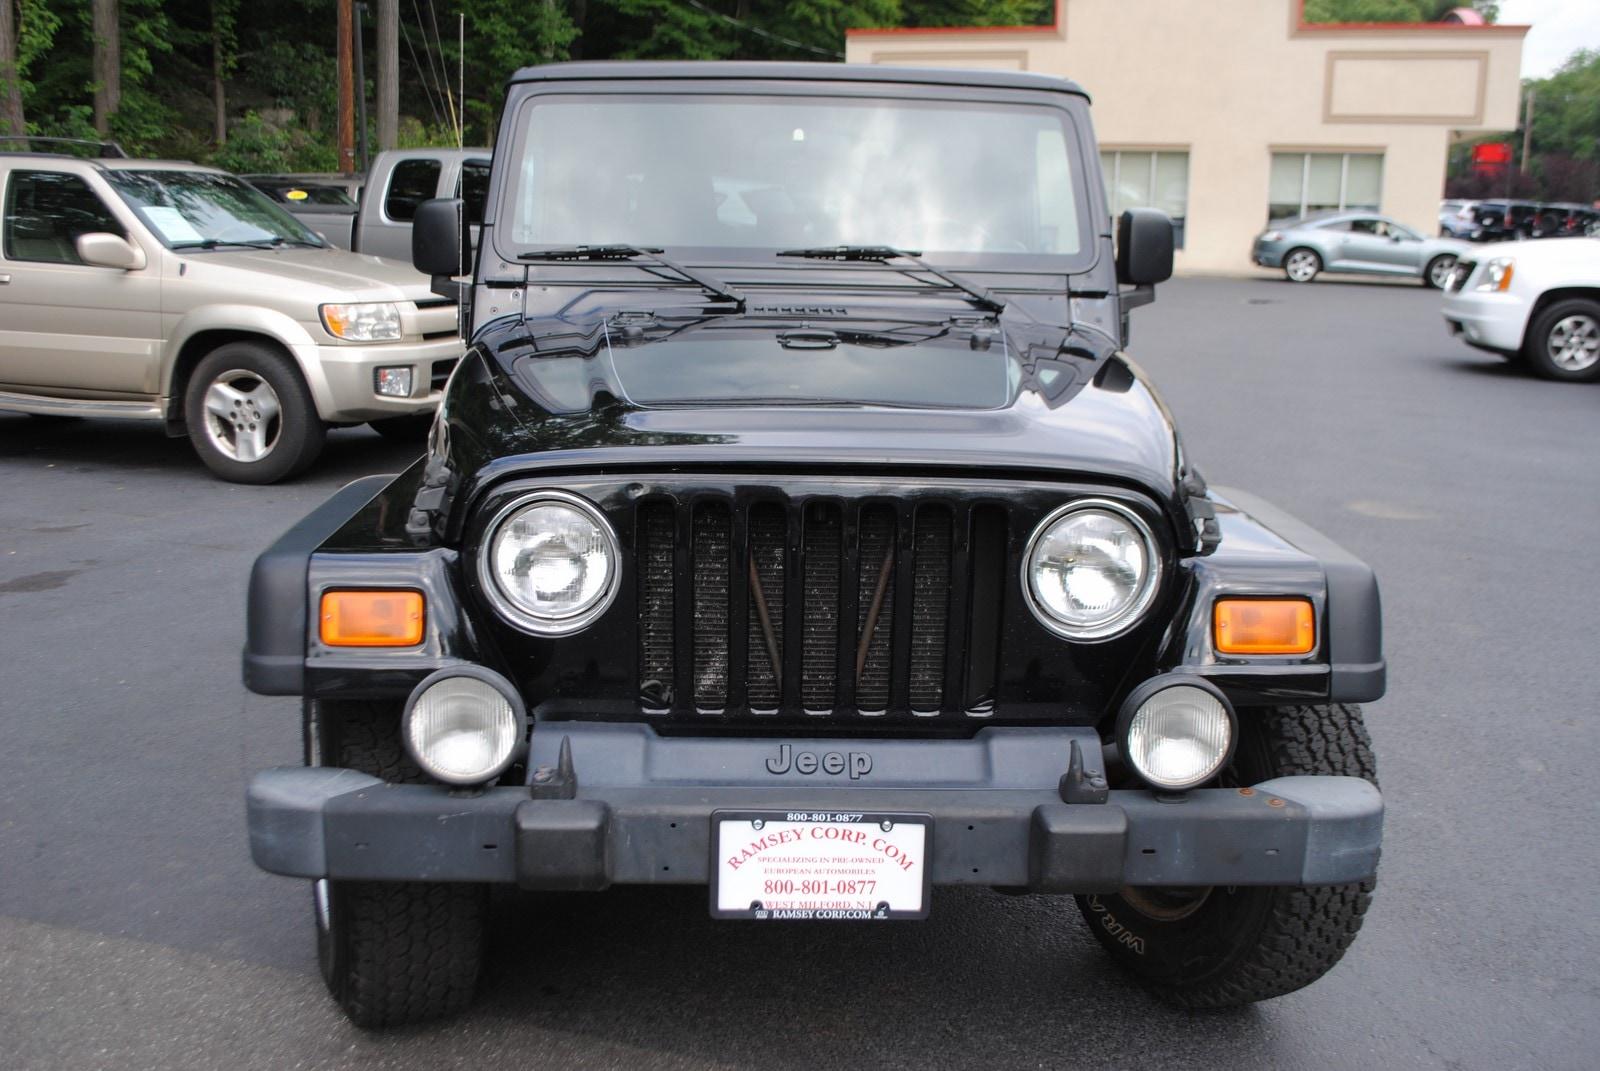 used 2006 jeep wrangler for sale west milford nj. Black Bedroom Furniture Sets. Home Design Ideas